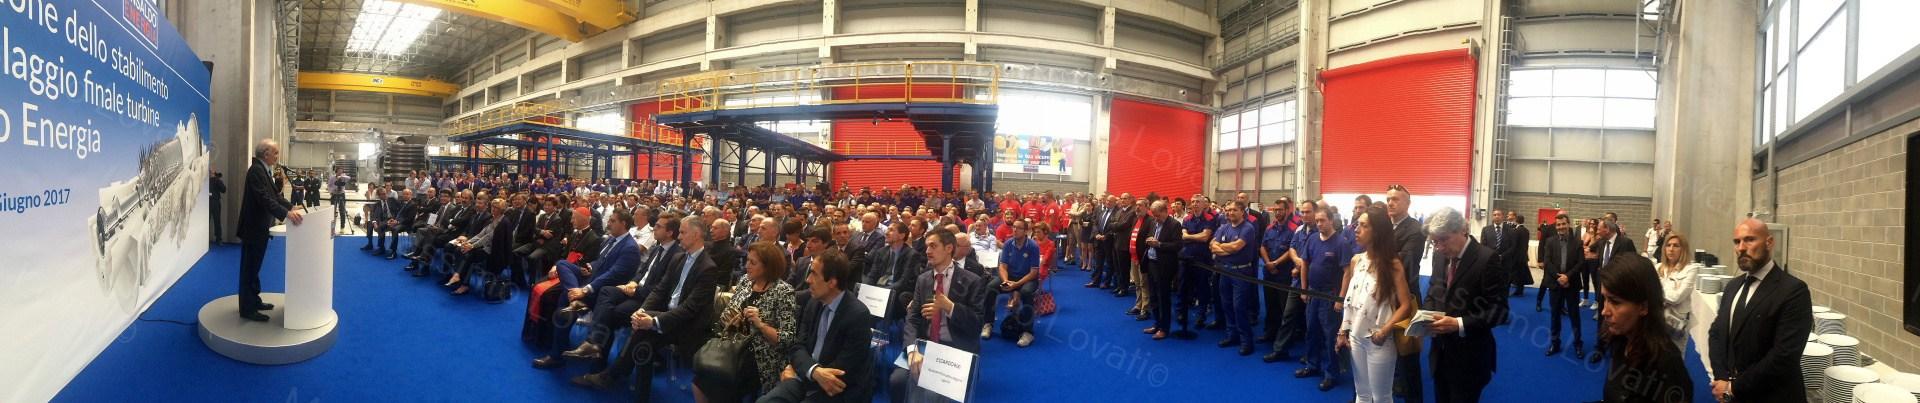 Inaugurazione nuovo stabilimento Ansaldo Energia di Cornigliano